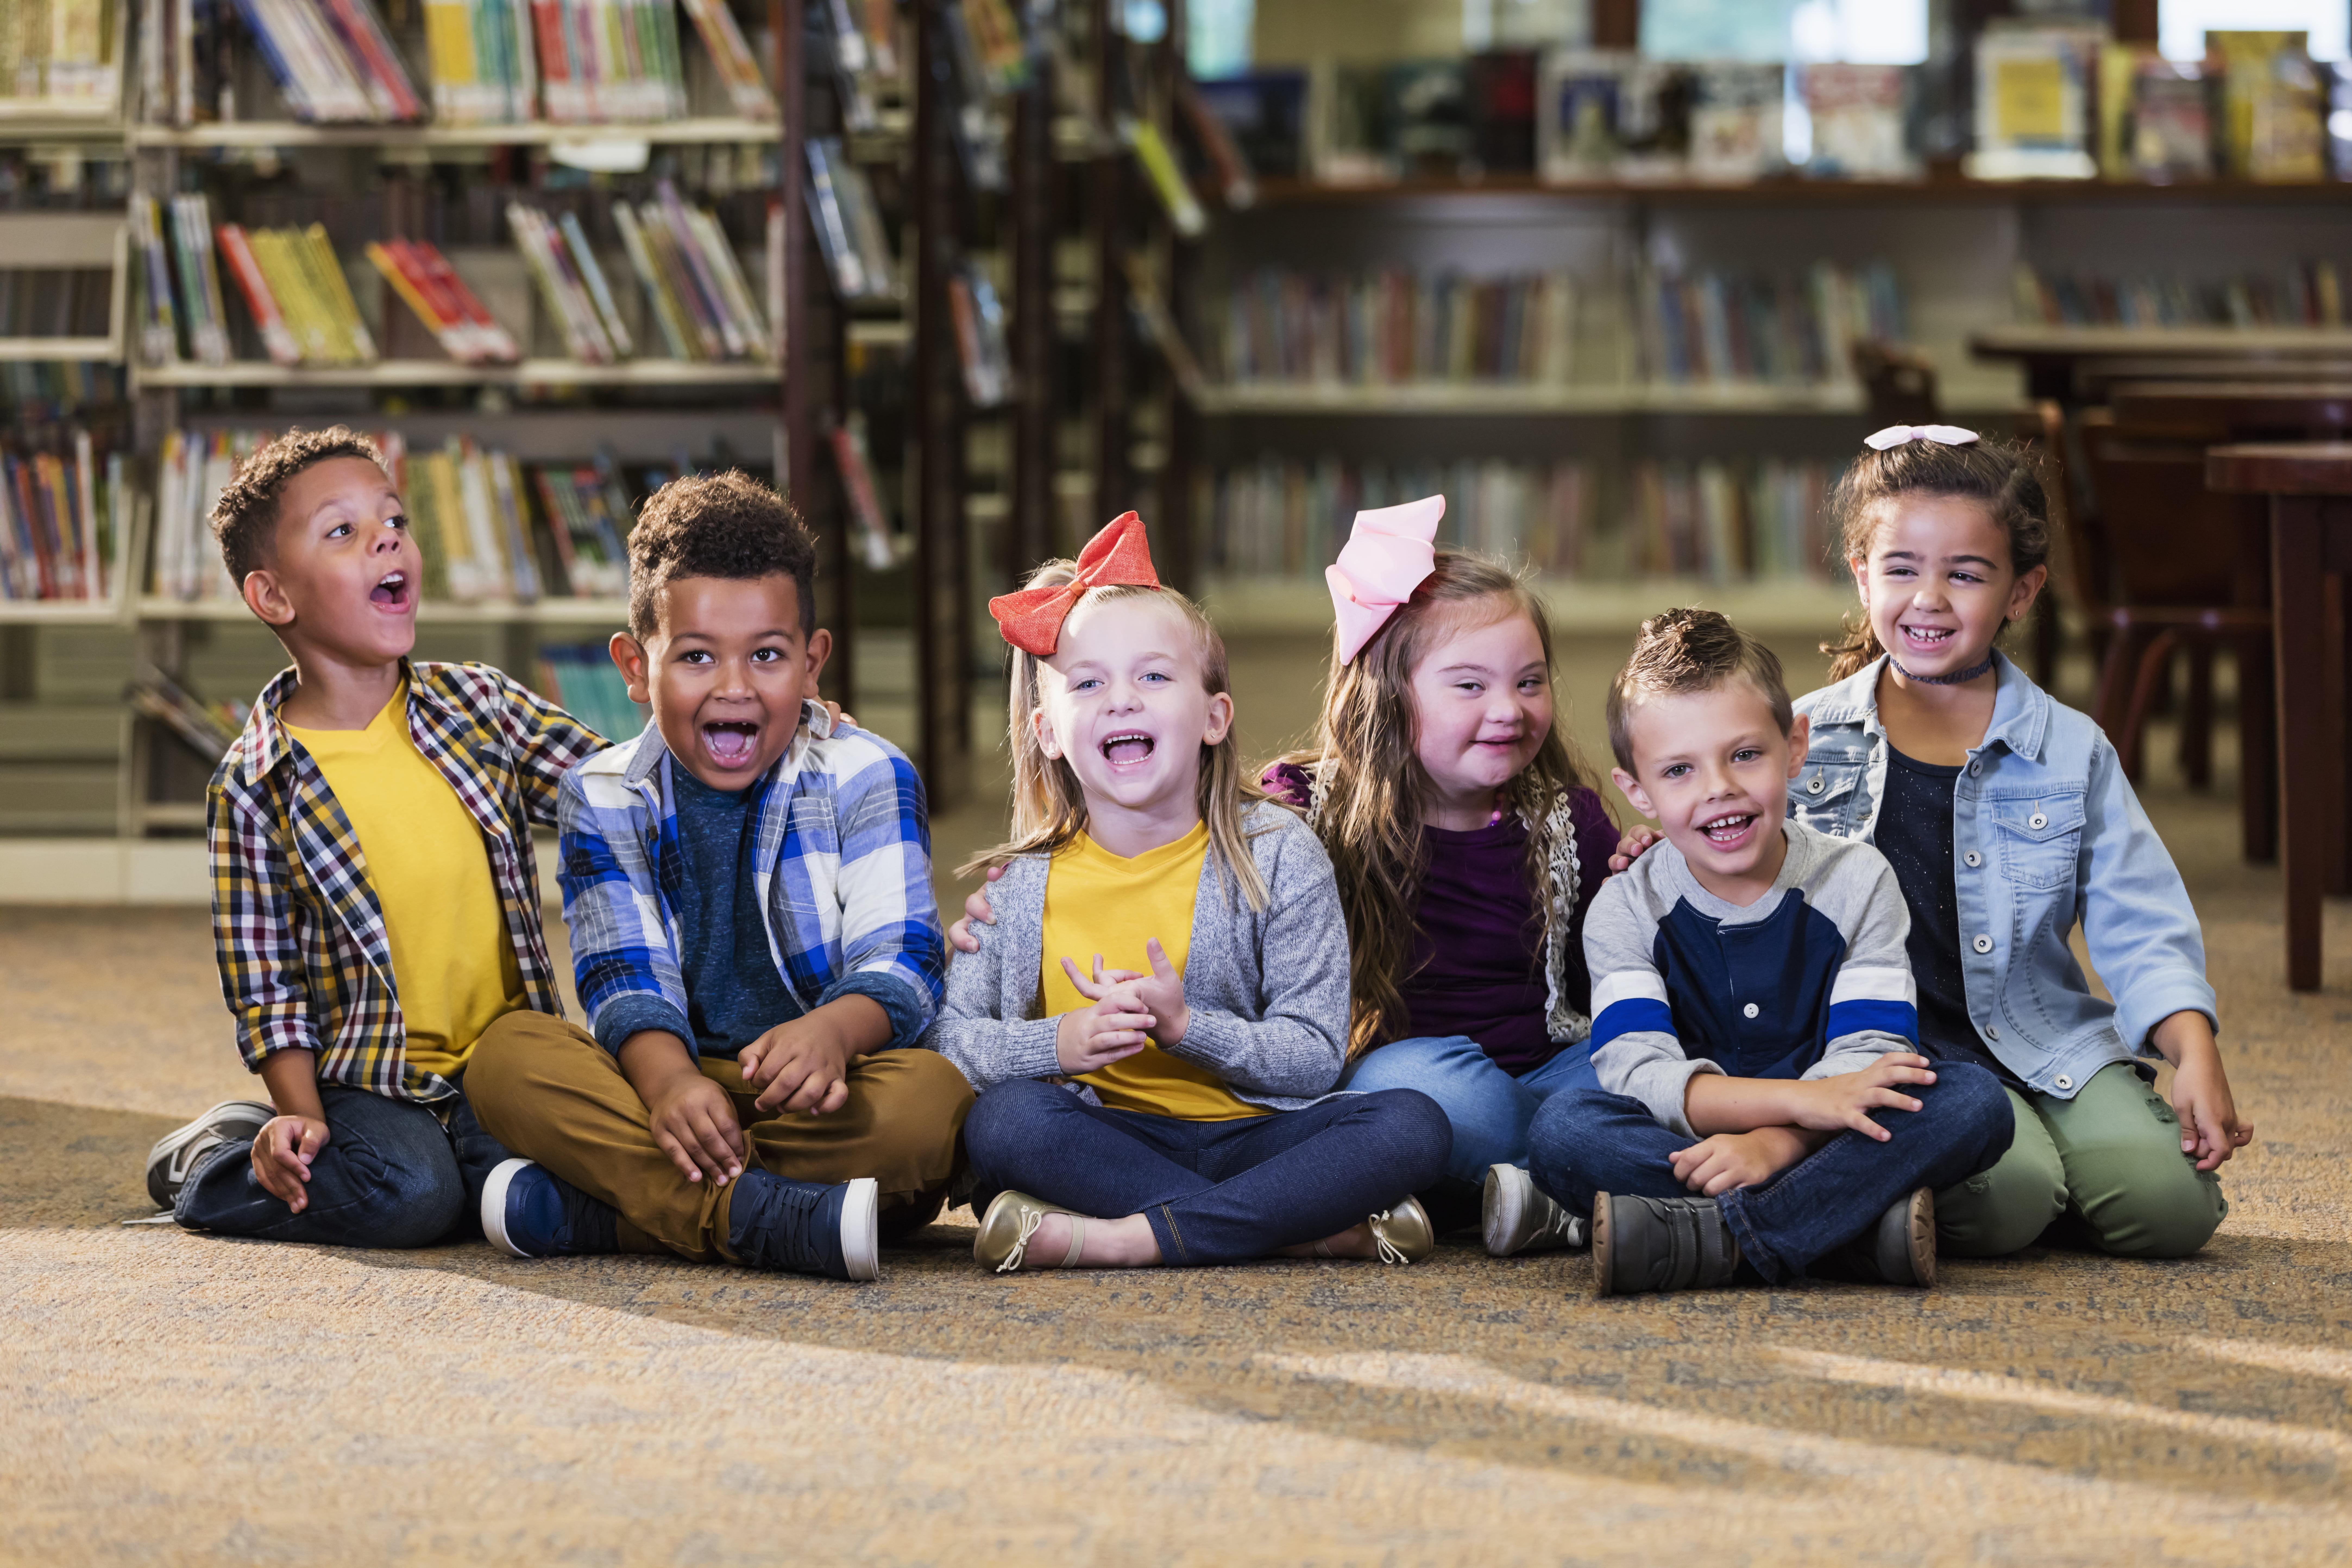 Foto mostra várias crianças sorrindo sentadas no chão da biblioteca de uma escola